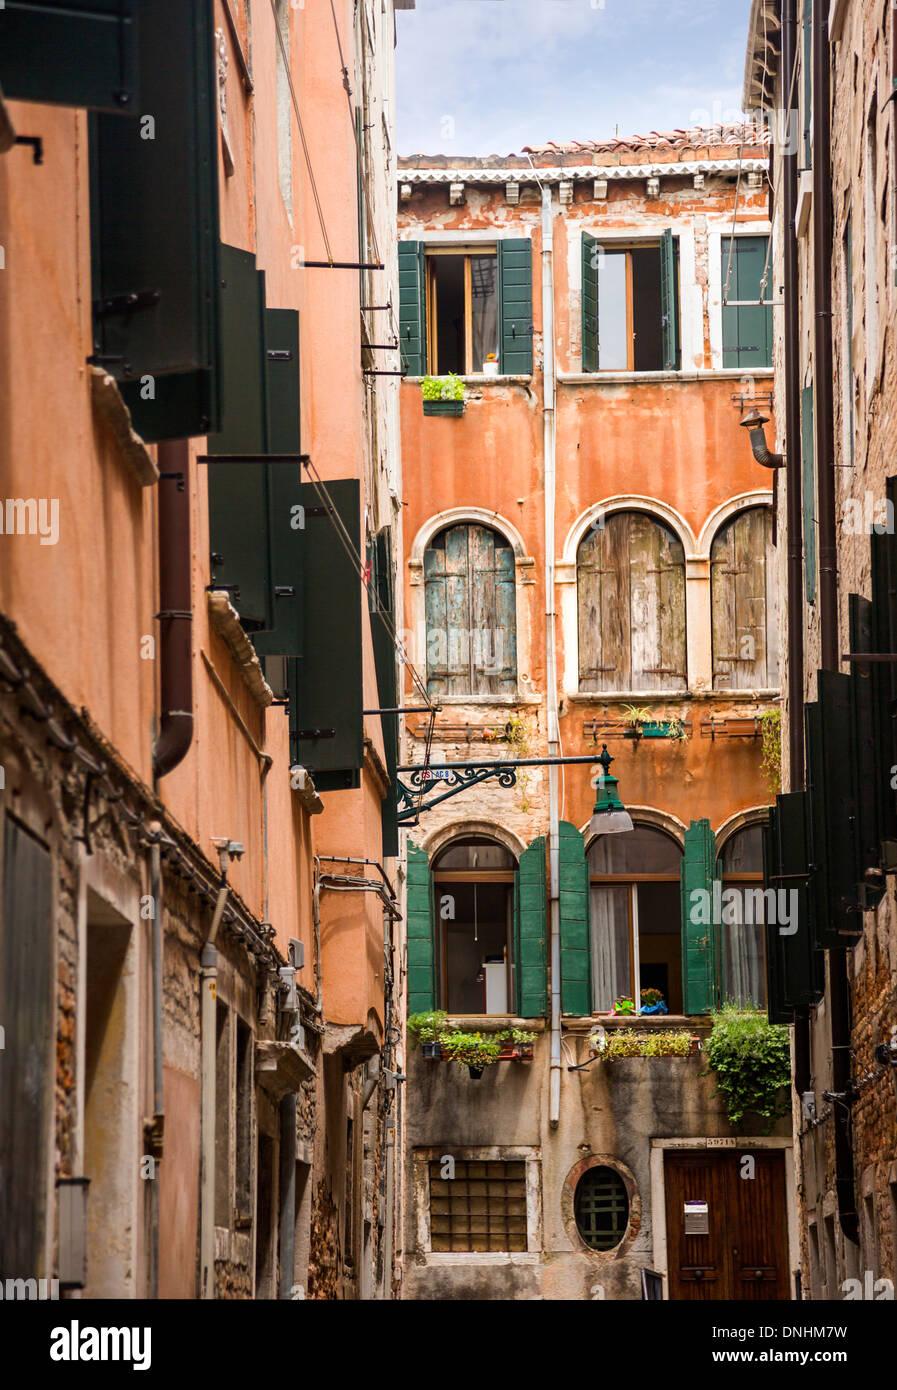 Vieux bâtiments, Venise, Vénétie, Italie Banque D'Images